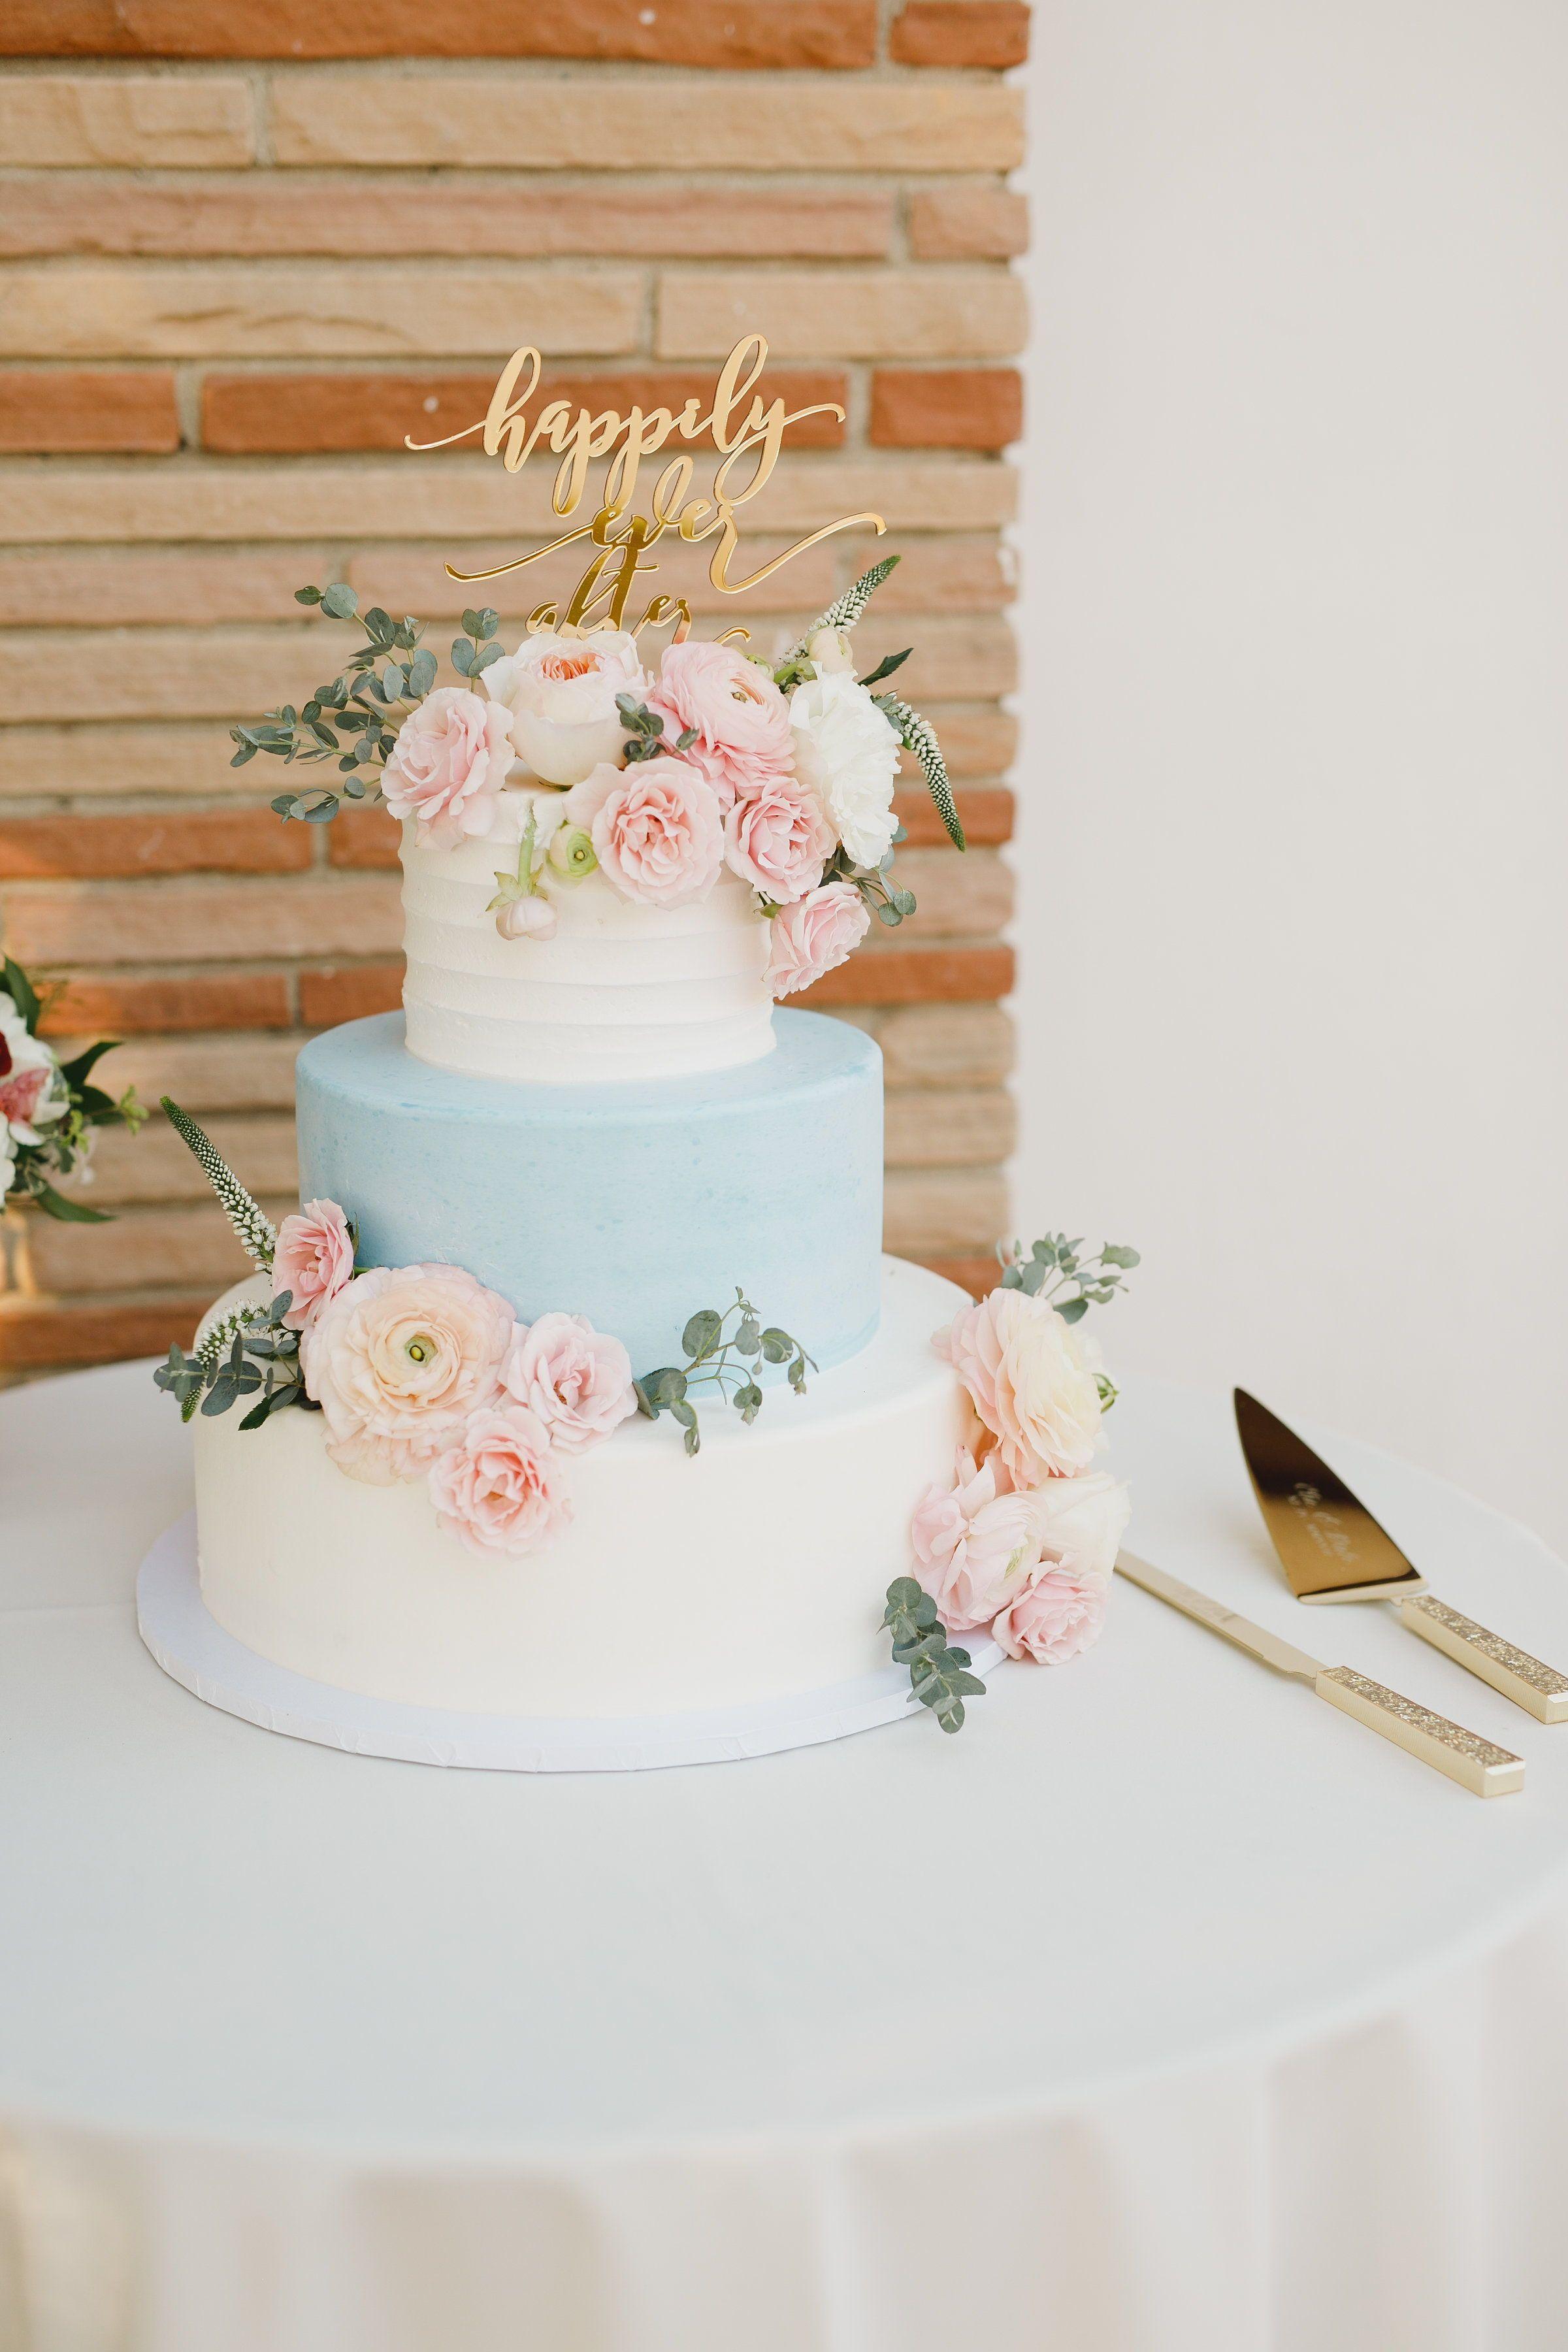 Pastello Torta Nuziale 3 Livelli Blu E Bianco Torta Nuziale Con Fiori In 2020 Pastel Wedding Cakes Winter Wedding Cake Simple Wedding Cake